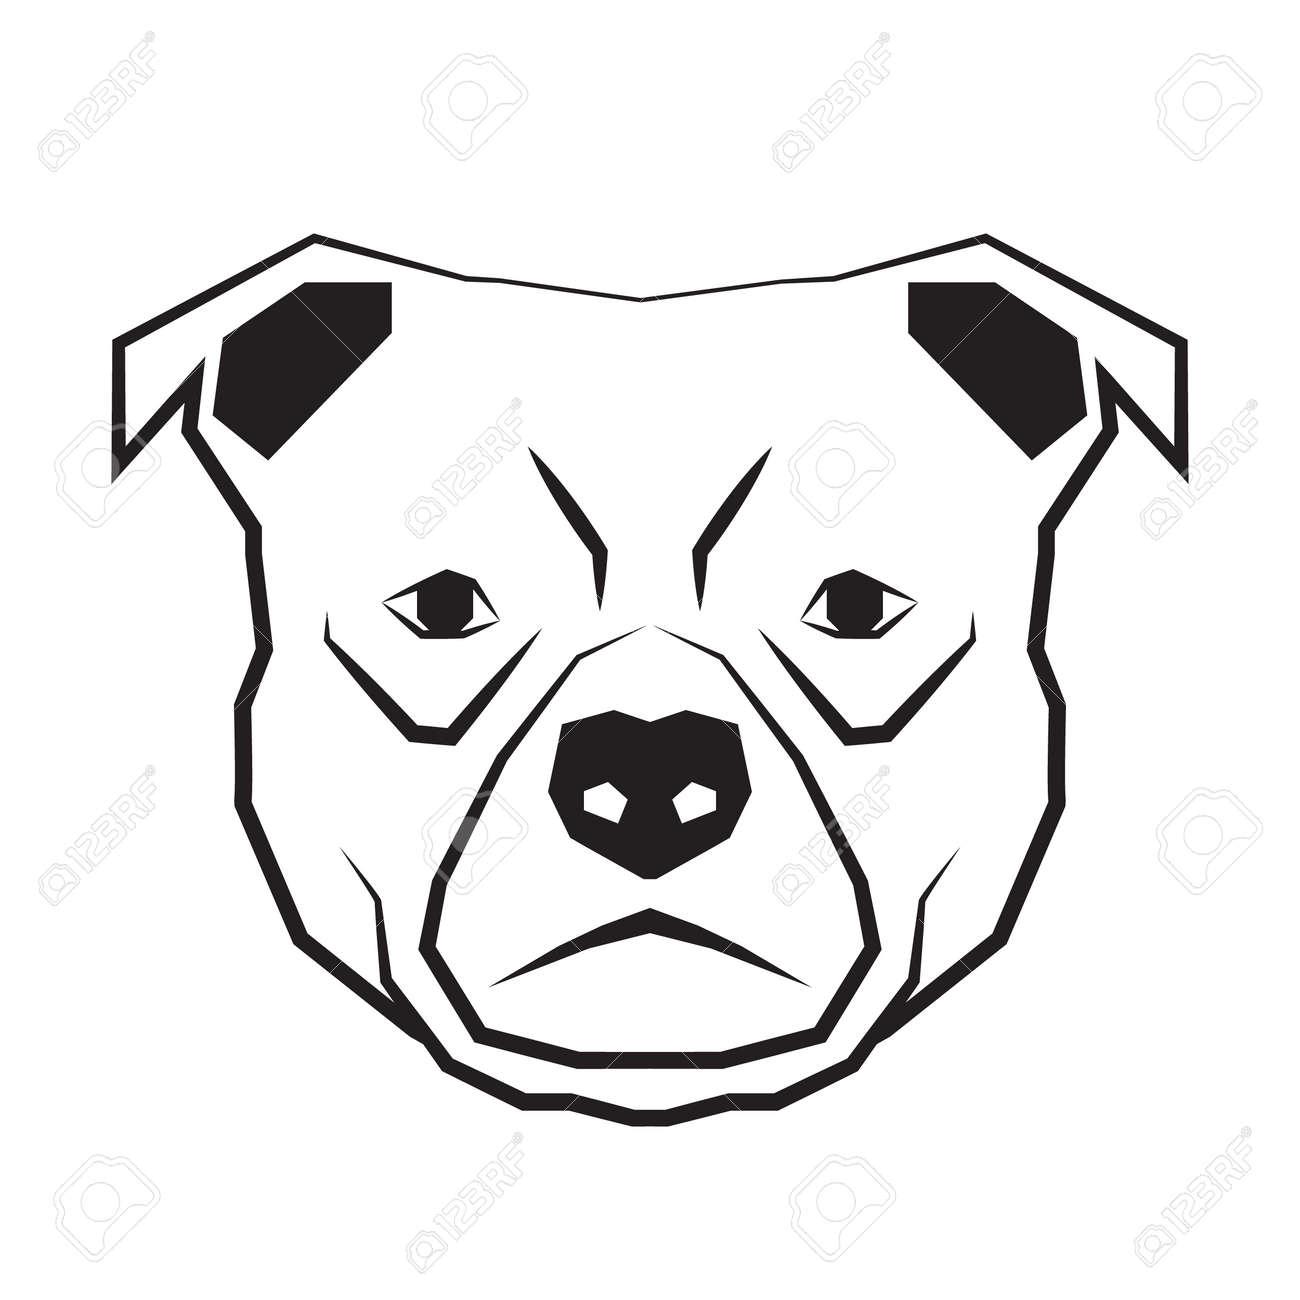 Cara De Perro Contorno Dibujo En Blanco Y Negro Ilustracion